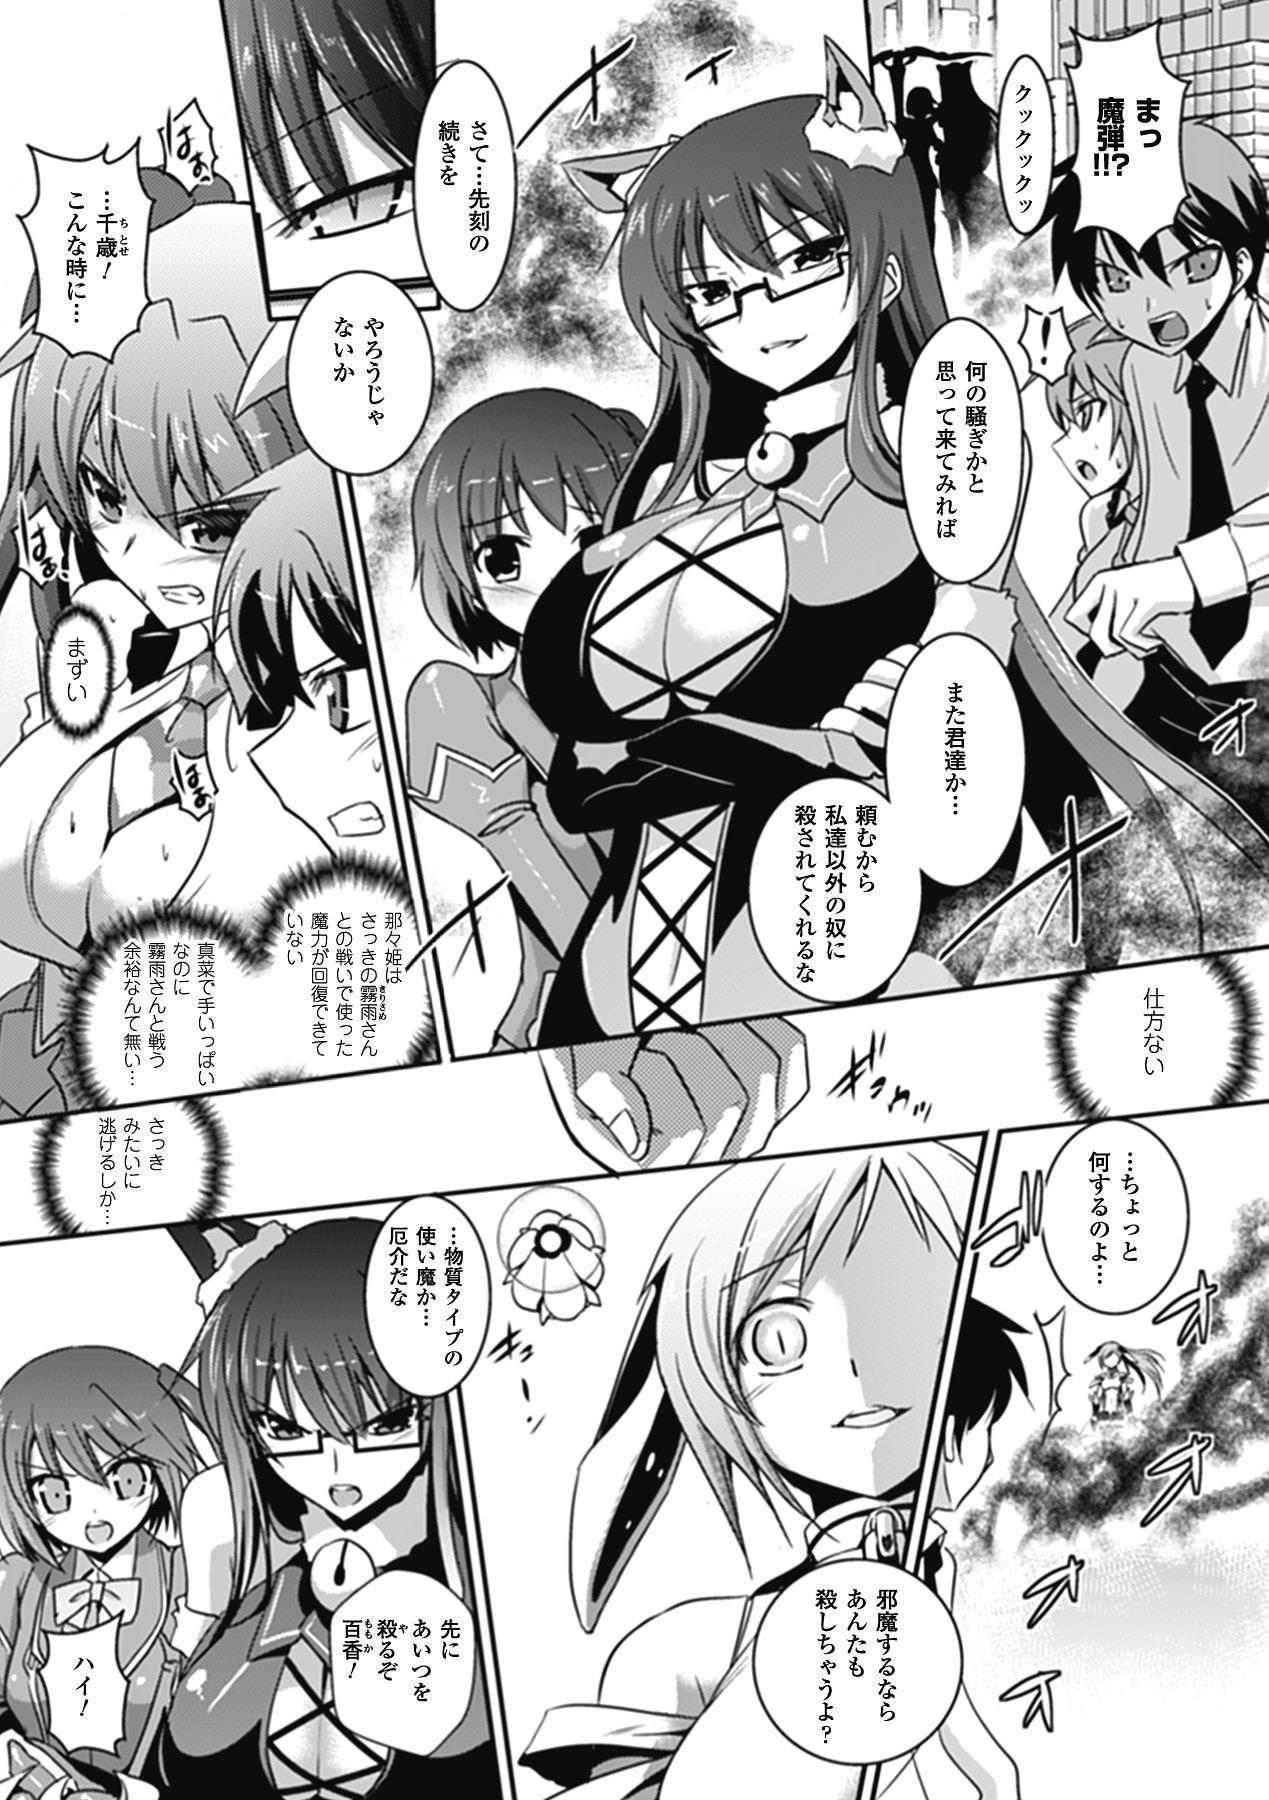 [Tokimaru Yoshihisa]Shakkou no Anti-Genesis Ch. 1-7 42